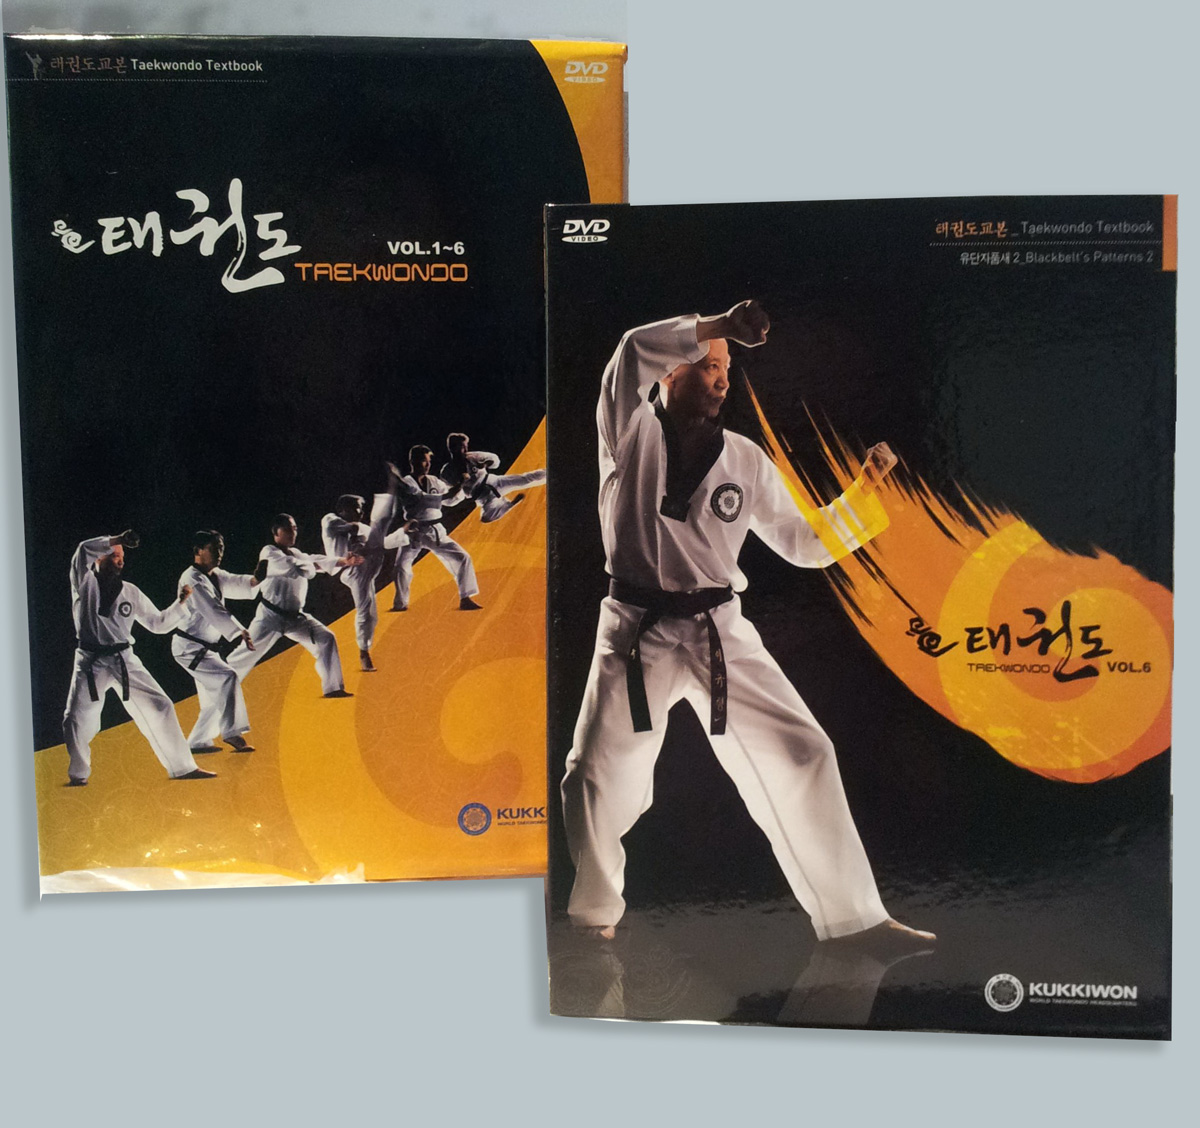 Kukkiwon-DVDs